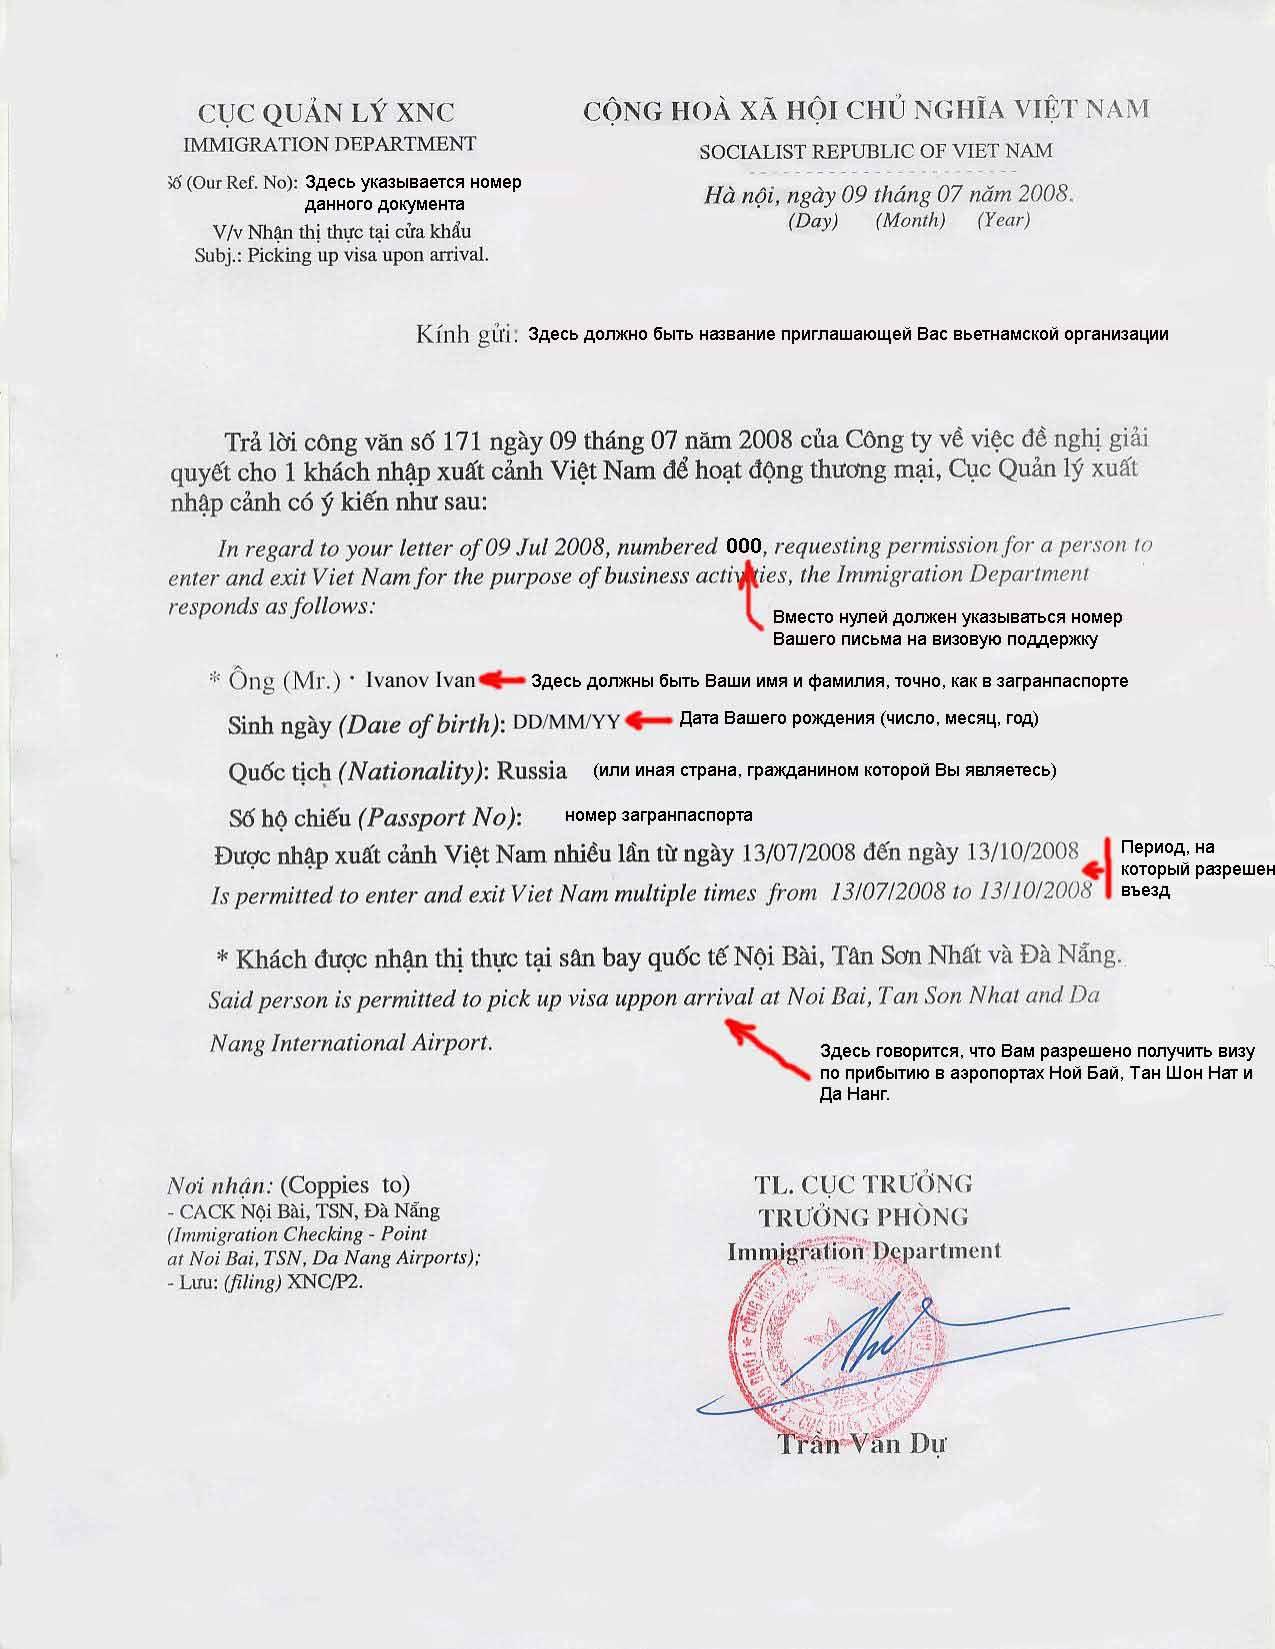 Оформление приглашения на въезд в Россию для граждан Грузии 22